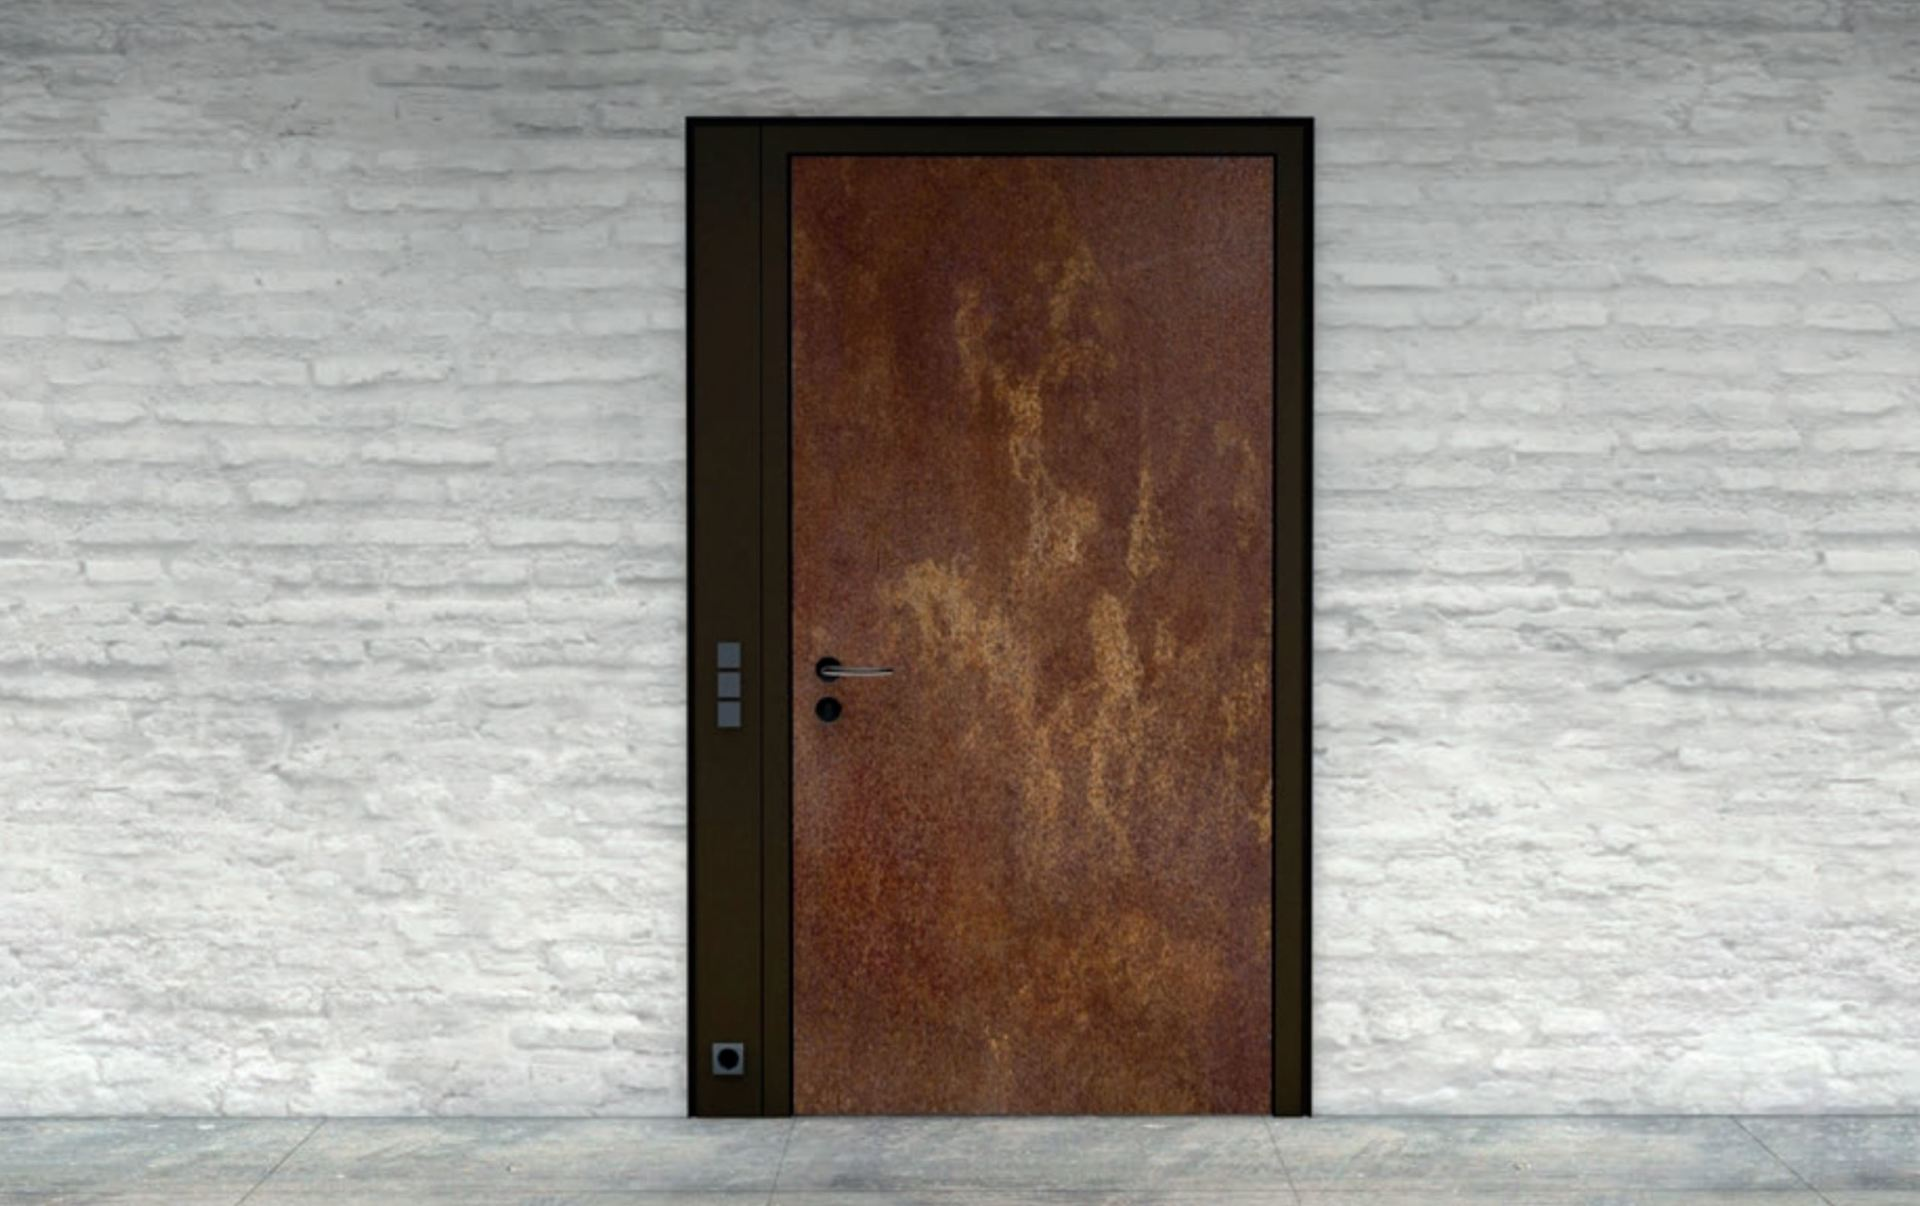 Performance Steel Door frame solutions with Lewis Aldridge Doors.